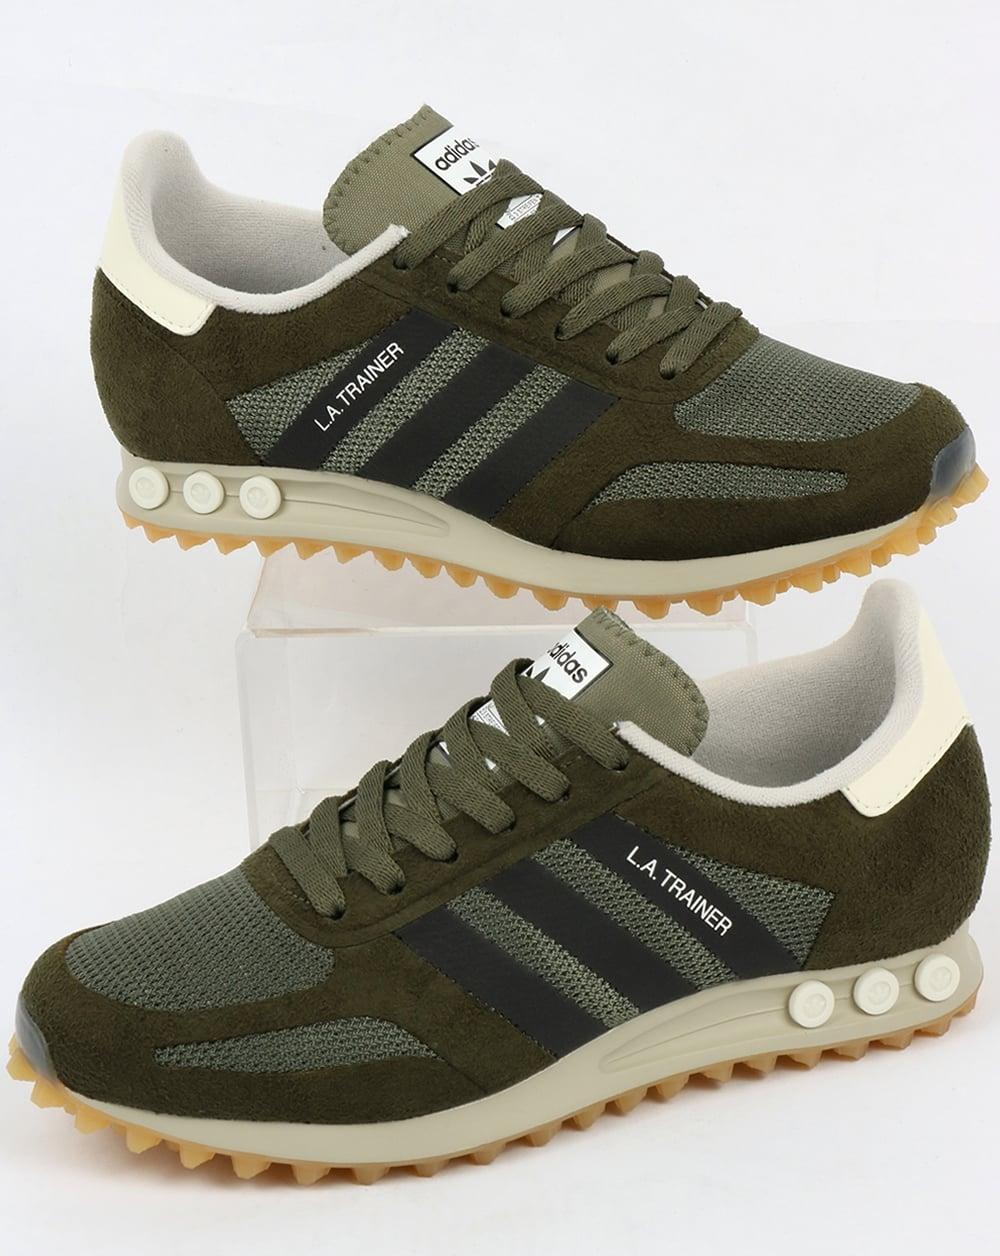 Adidas La Trainer Og St Major Green/black